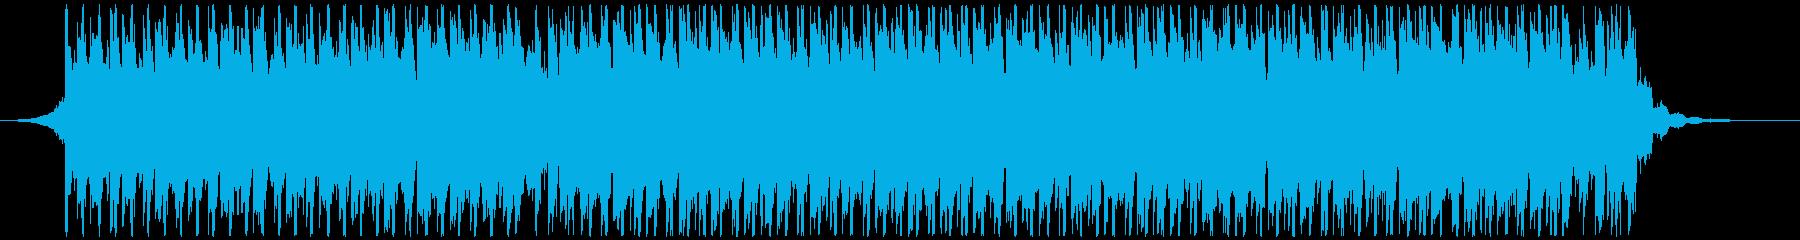 高揚感あふれるポップ(ショート1)の再生済みの波形